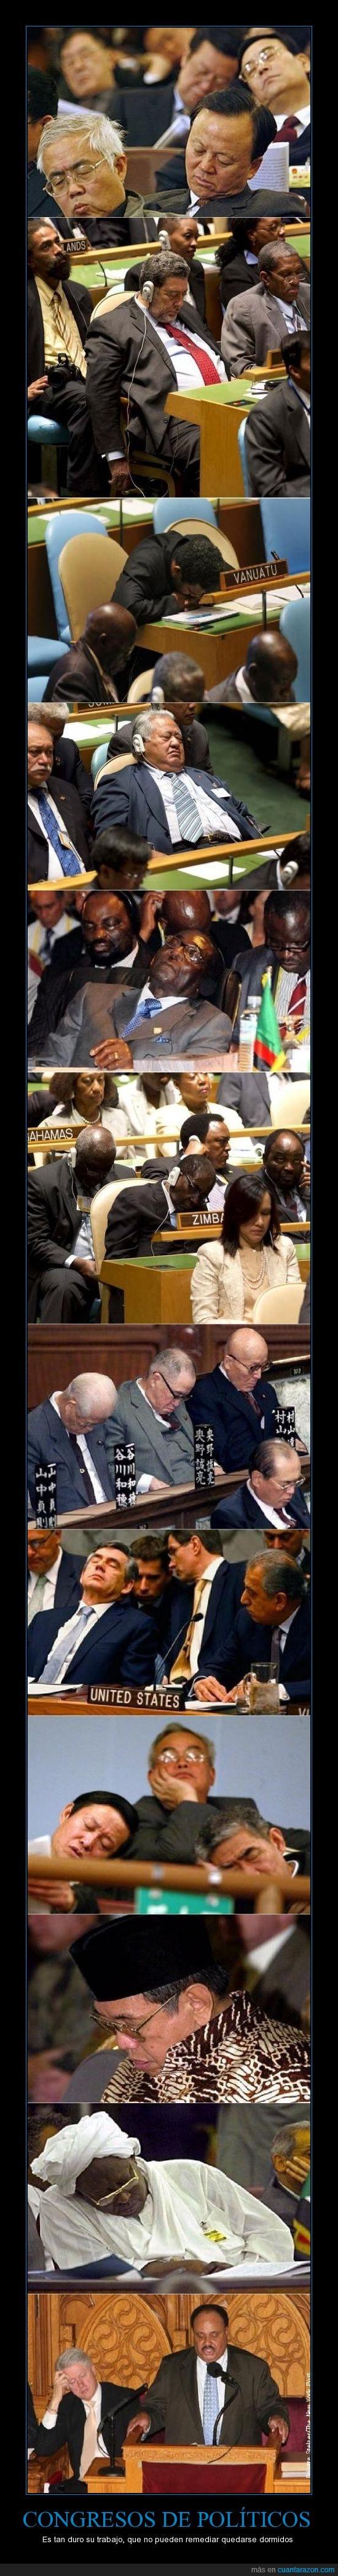 congreso,dormidos,durmiendo,politicos